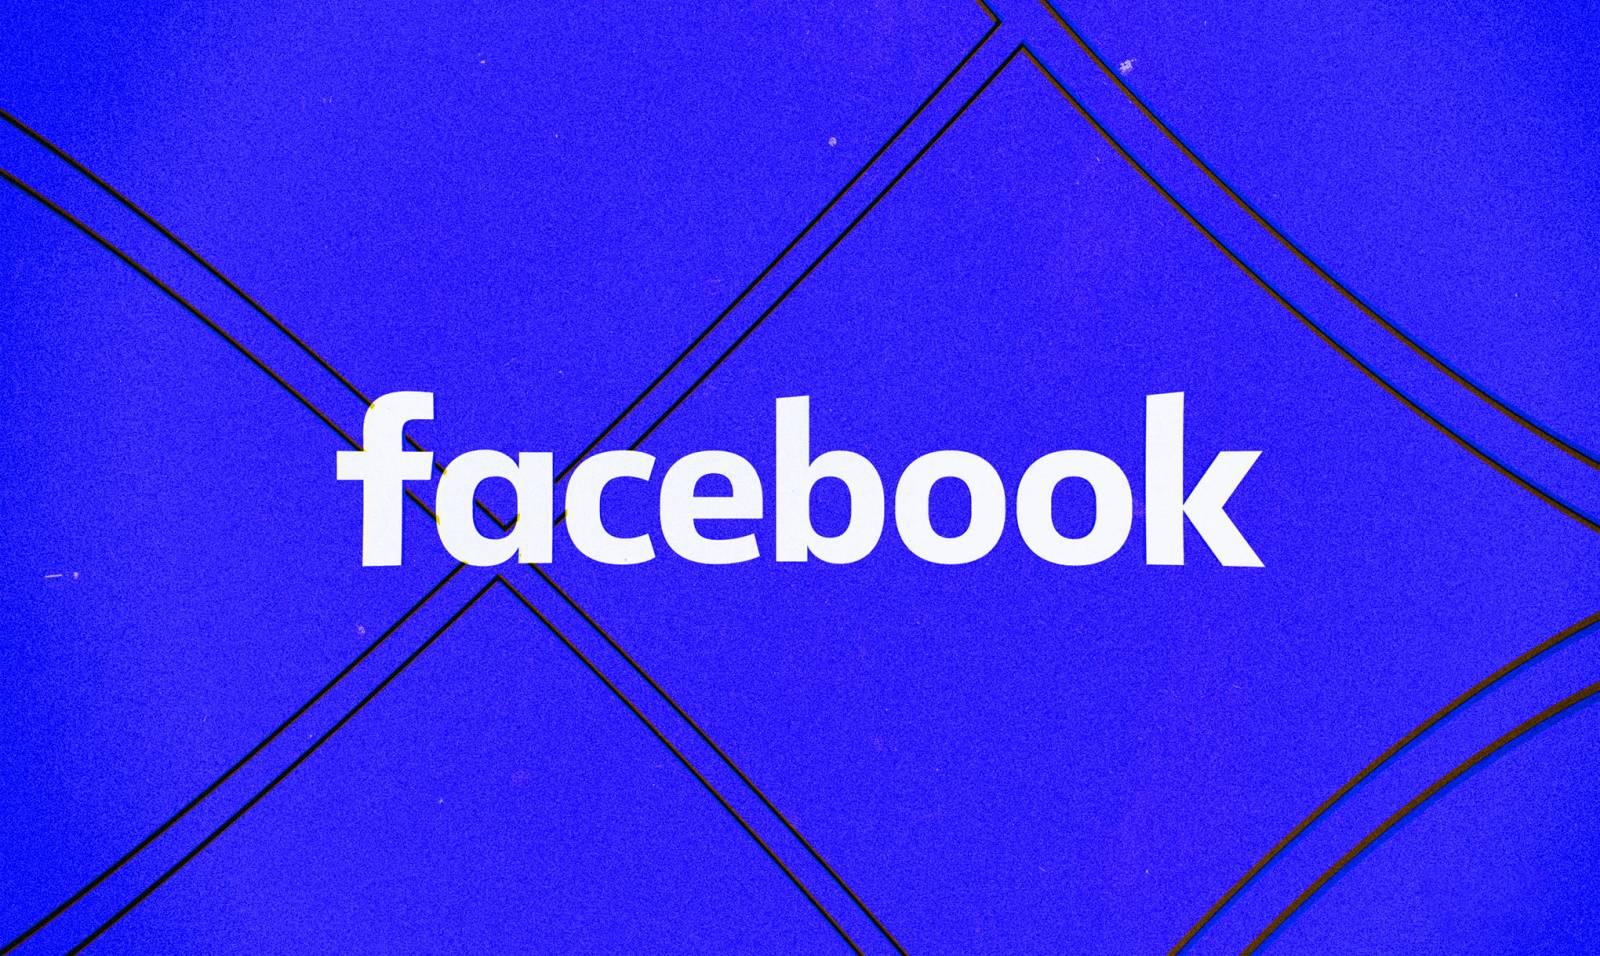 Facebook Actualizarea Noua care a fost lansata pentru telefoane, tablete